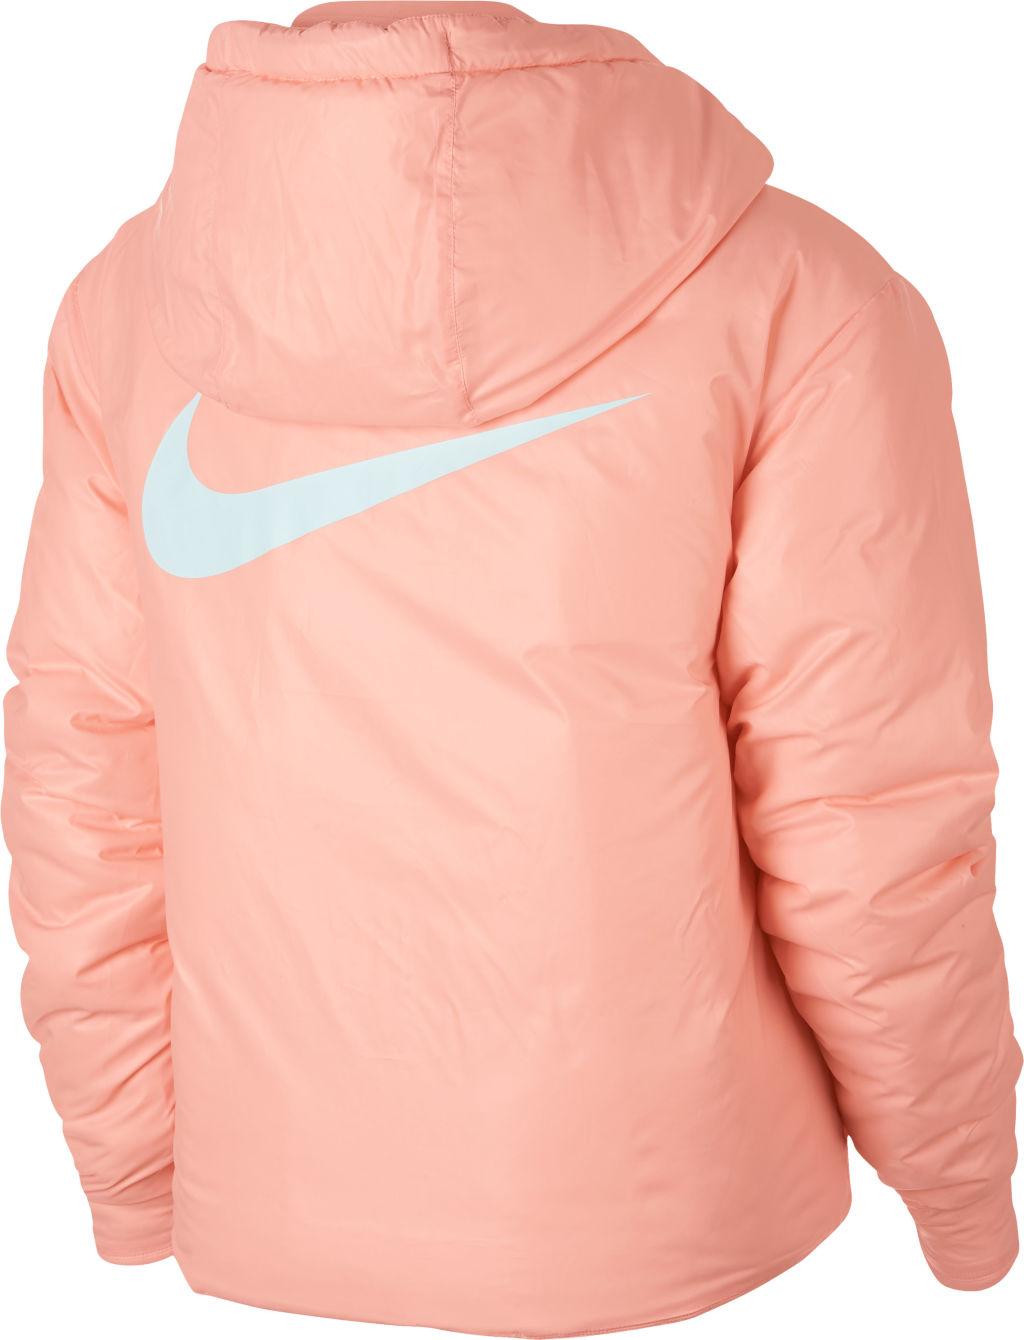 new style f6b33 6dc6f Nike Sportswear Reversible Synthetic Fill Jacket W